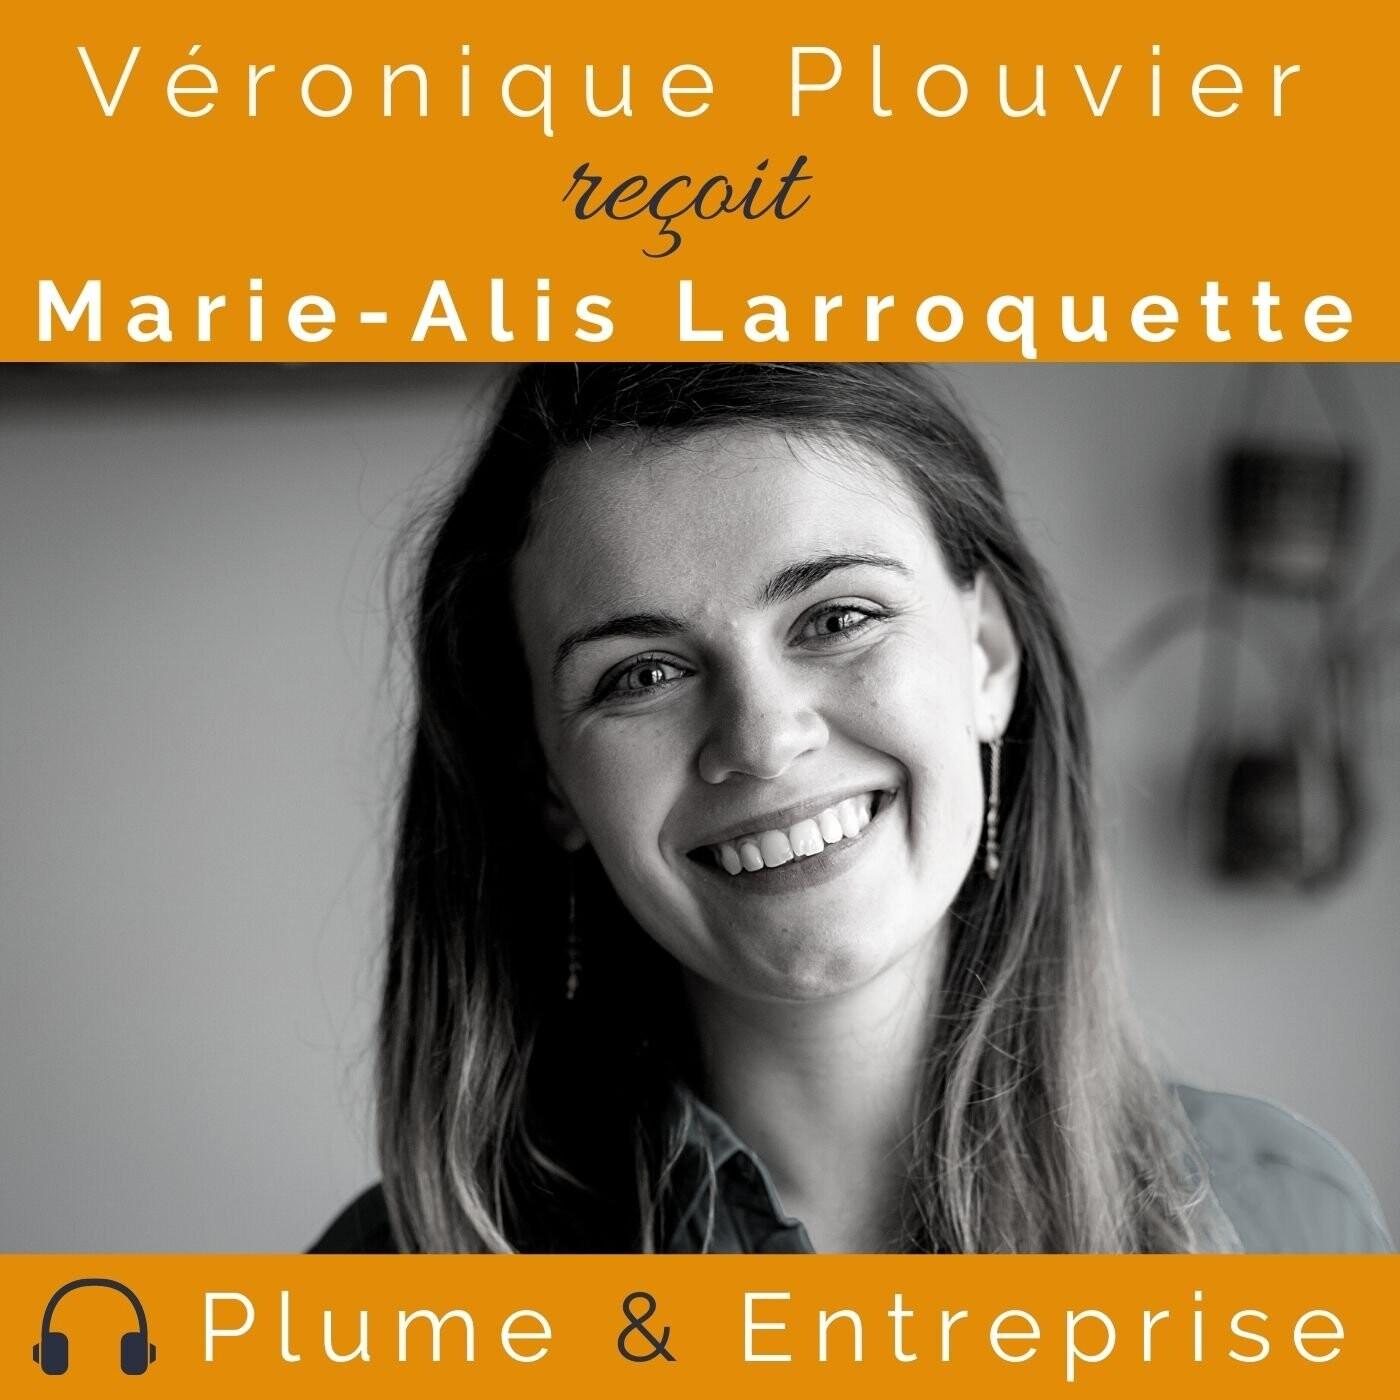 # 36 Marie-Alis Larroquette, sophrologue